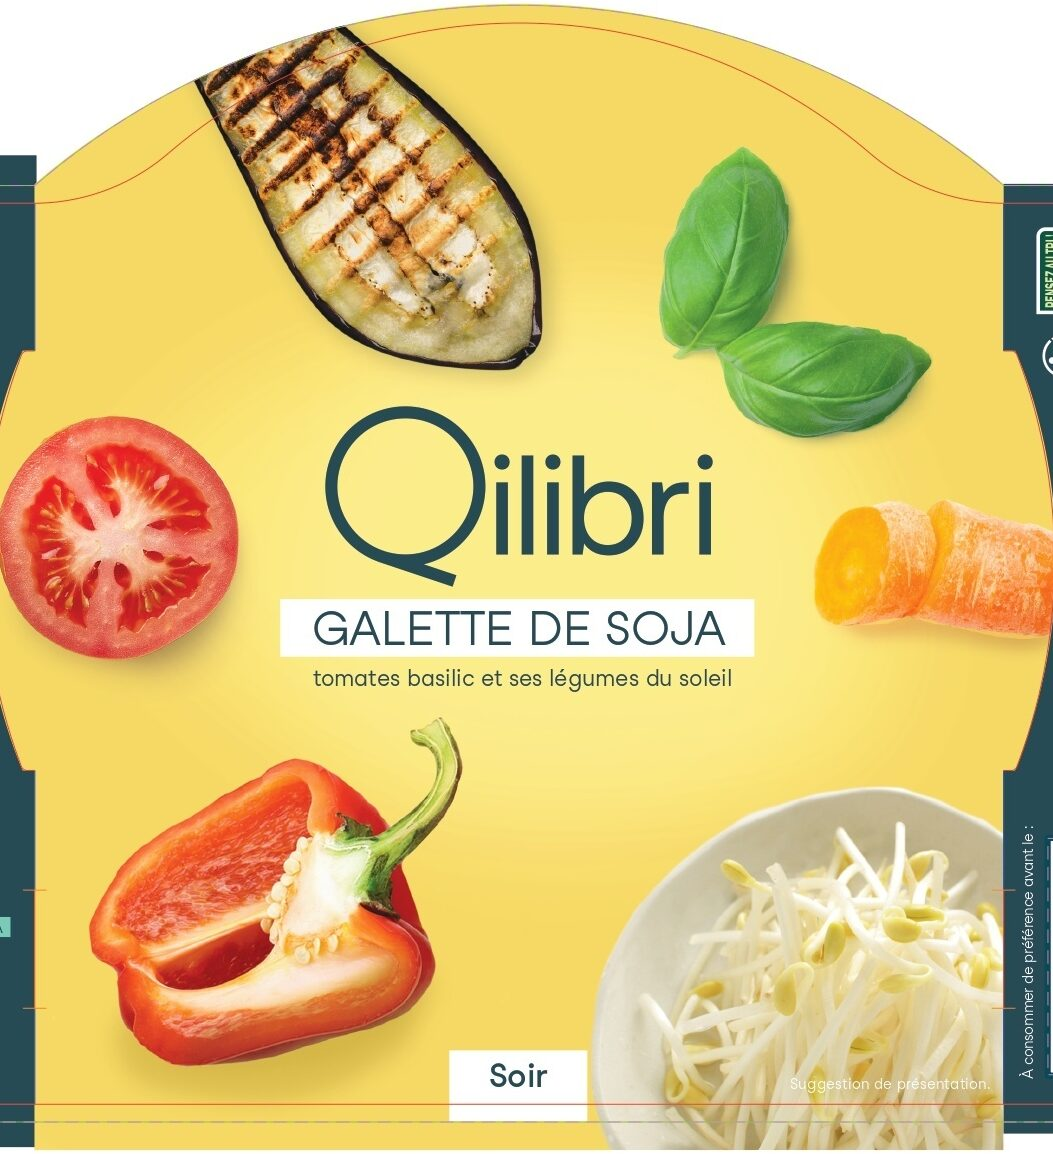 Galettes de soja aux légumes - Produit - fr